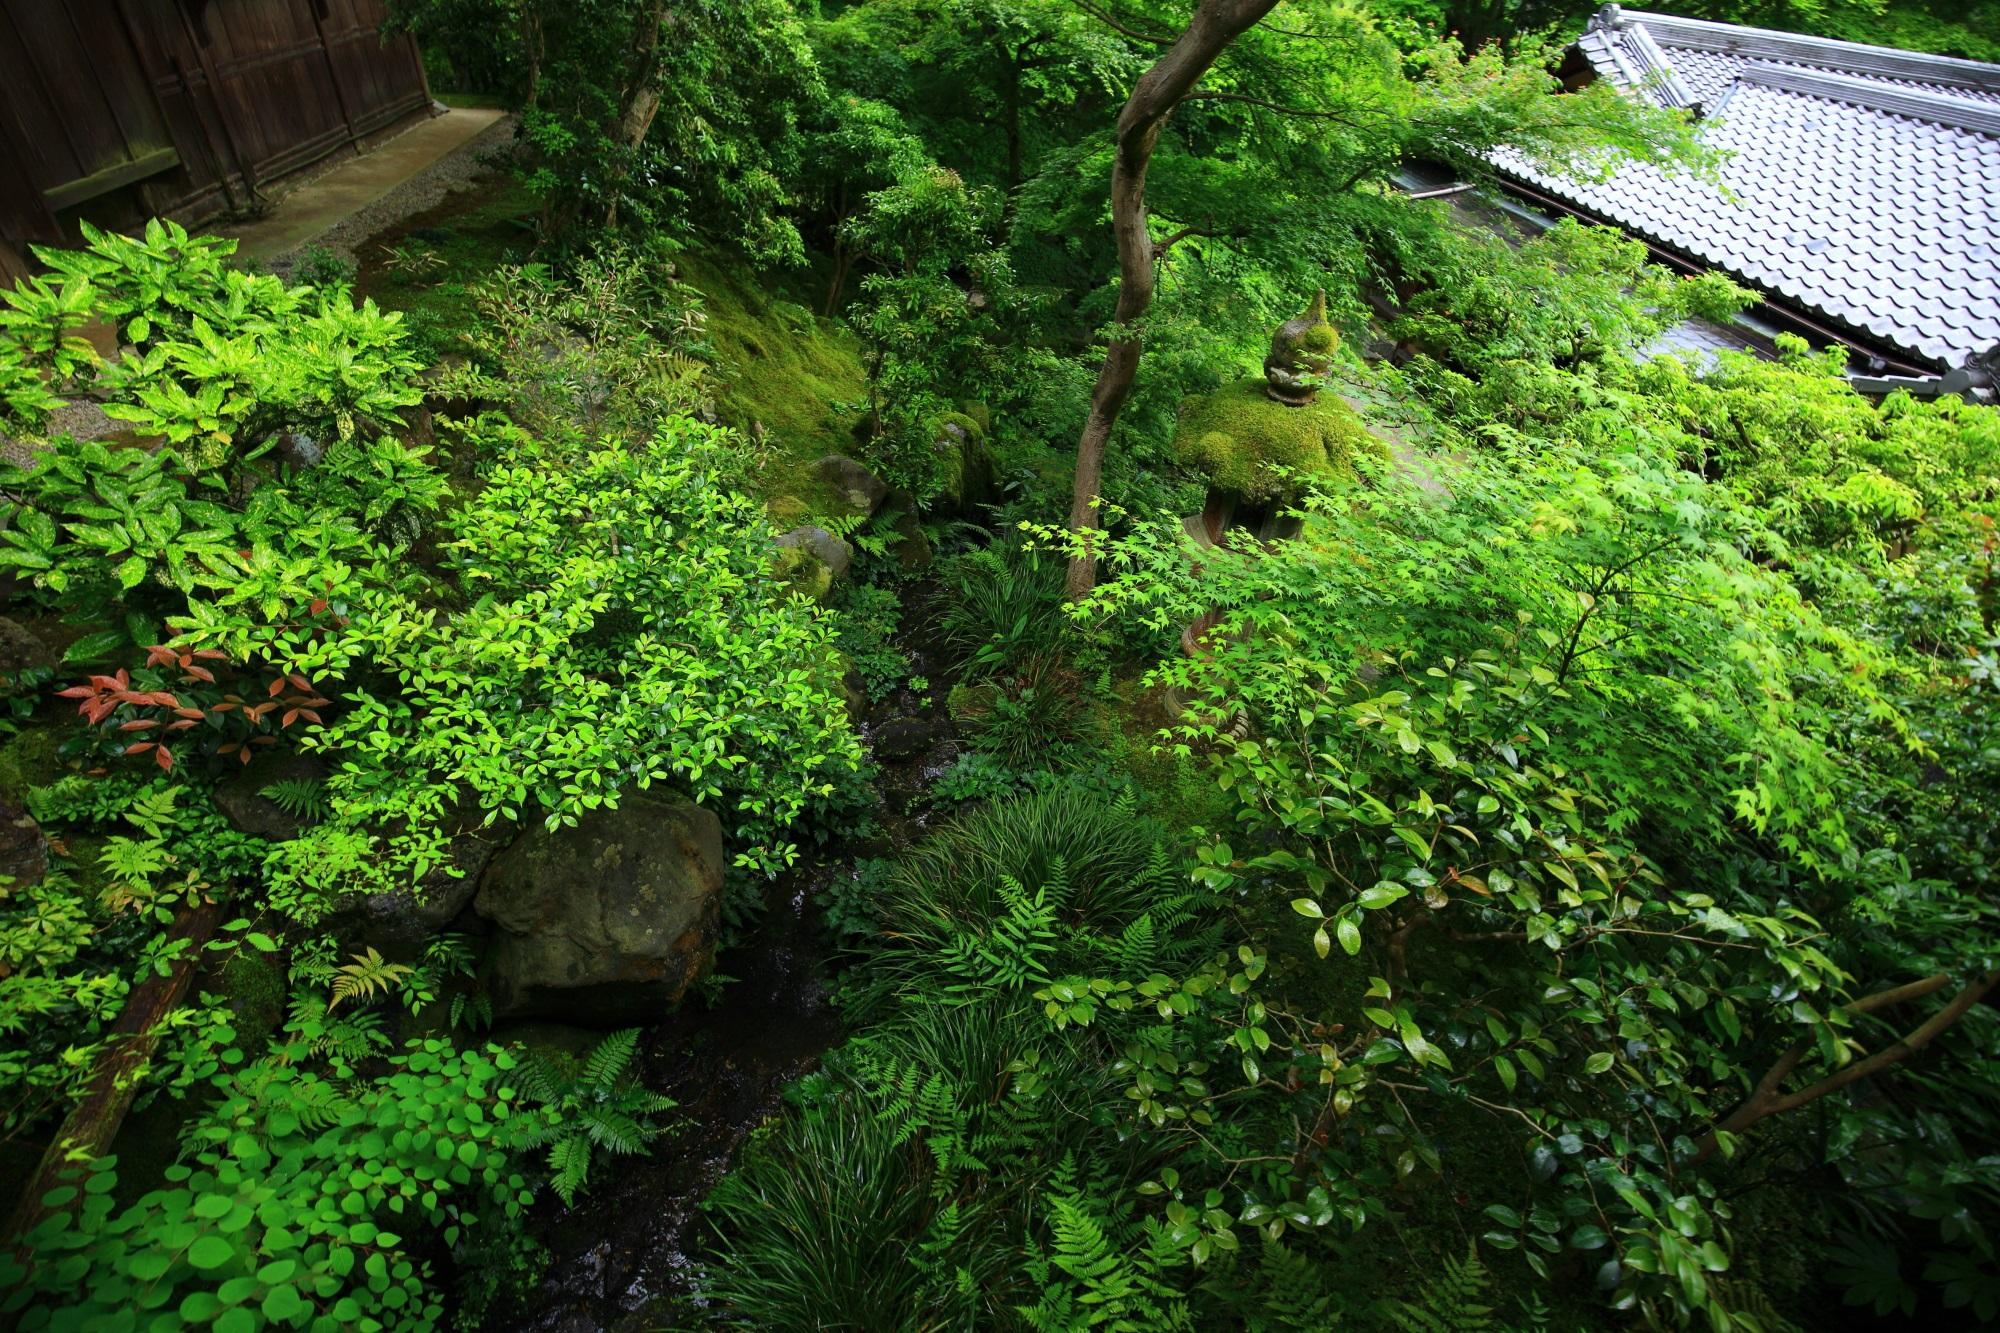 瑠璃光院の渡廊下から眺めた臥龍の庭